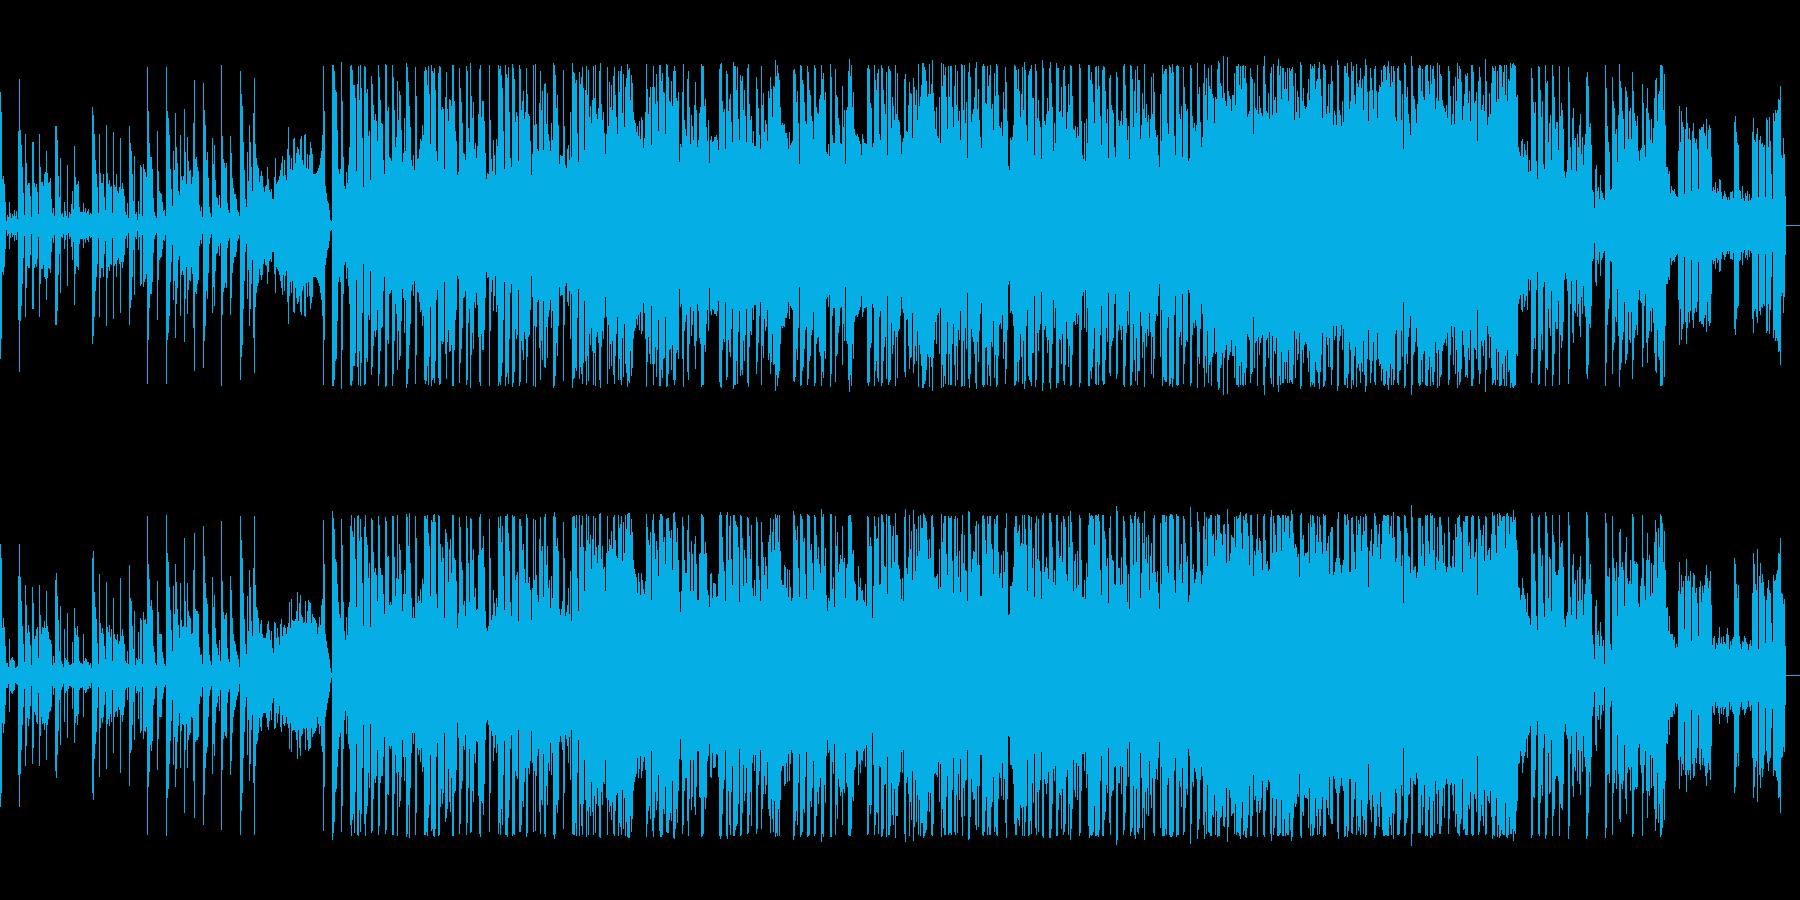 アップテンポで躍動感あるテクノポップの再生済みの波形